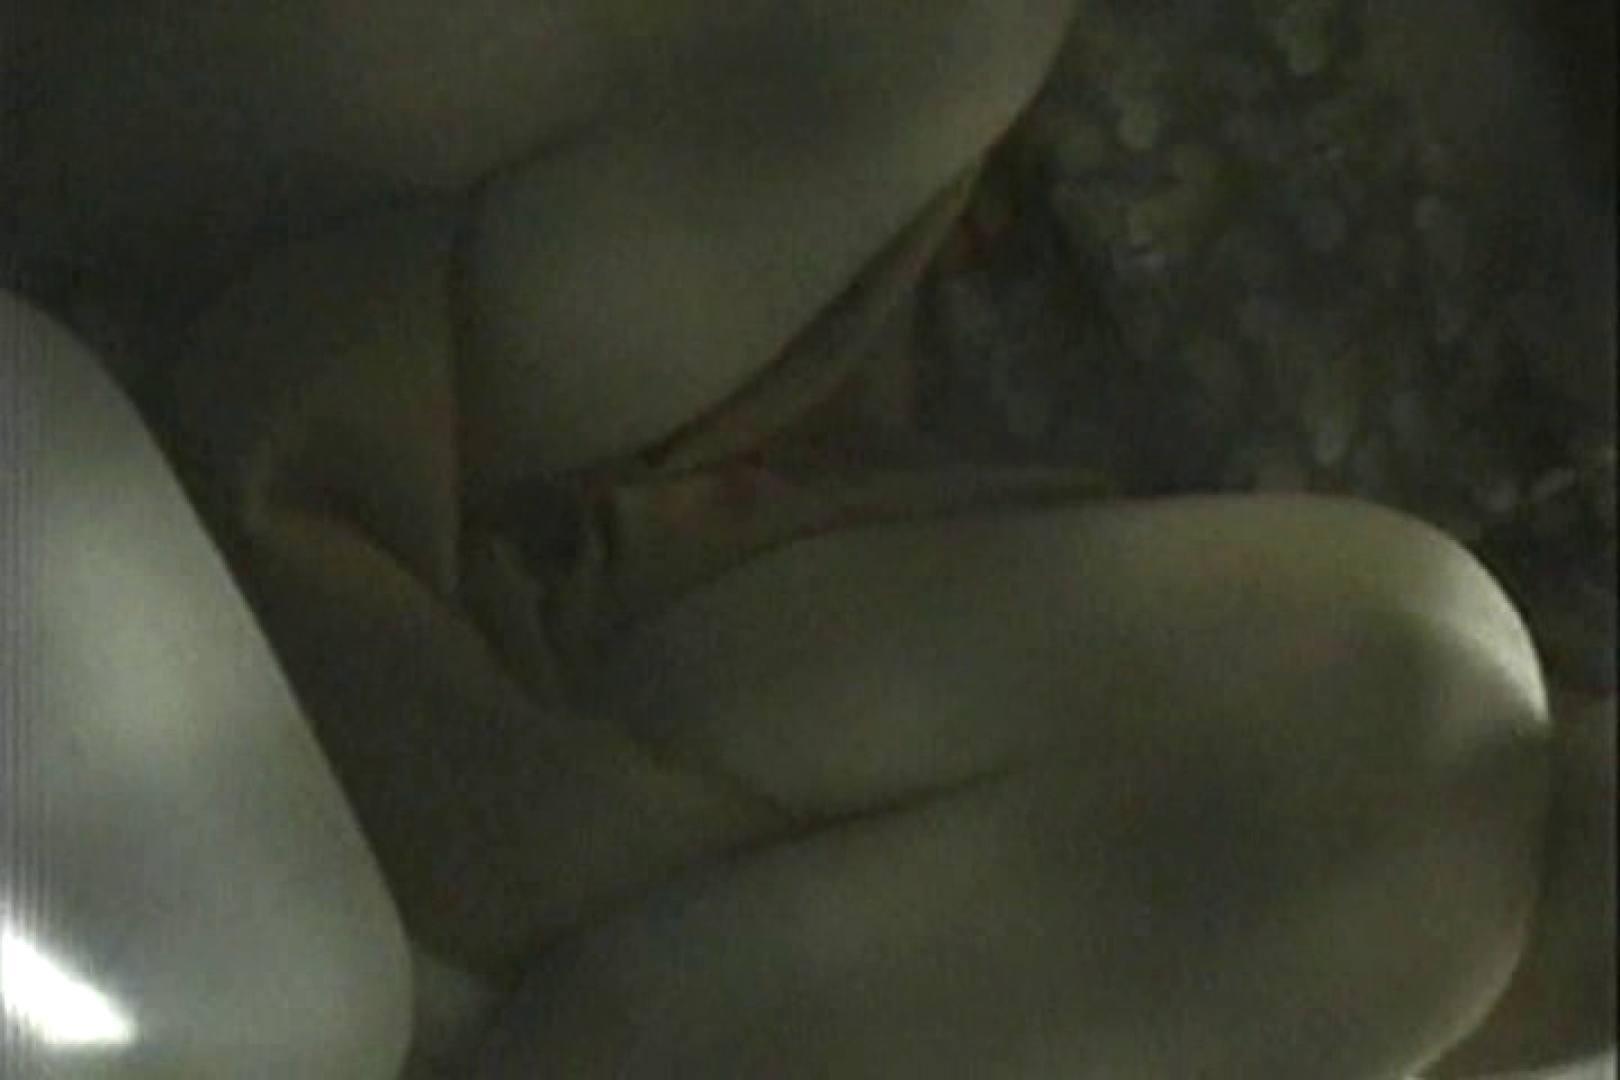 車内洗面所盗撮 電車ゆれればお尻もゆれる TK-98 盗撮師作品 オメコ動画キャプチャ 101pic 47